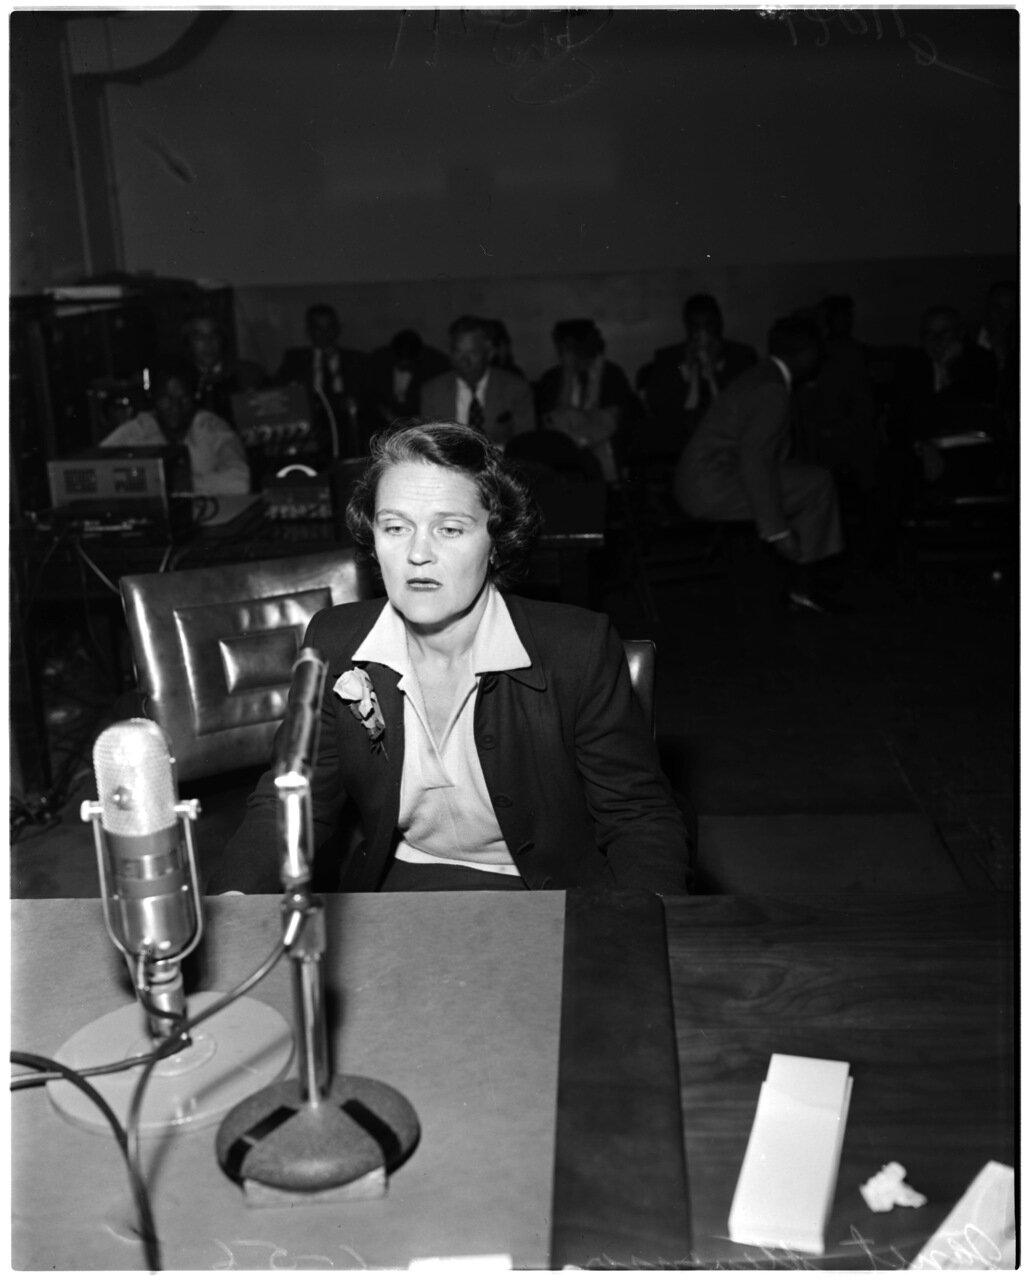 1956. 6 декабря. Комиссия по расследованию антиамериканской деятельности. Анита Шнайдер